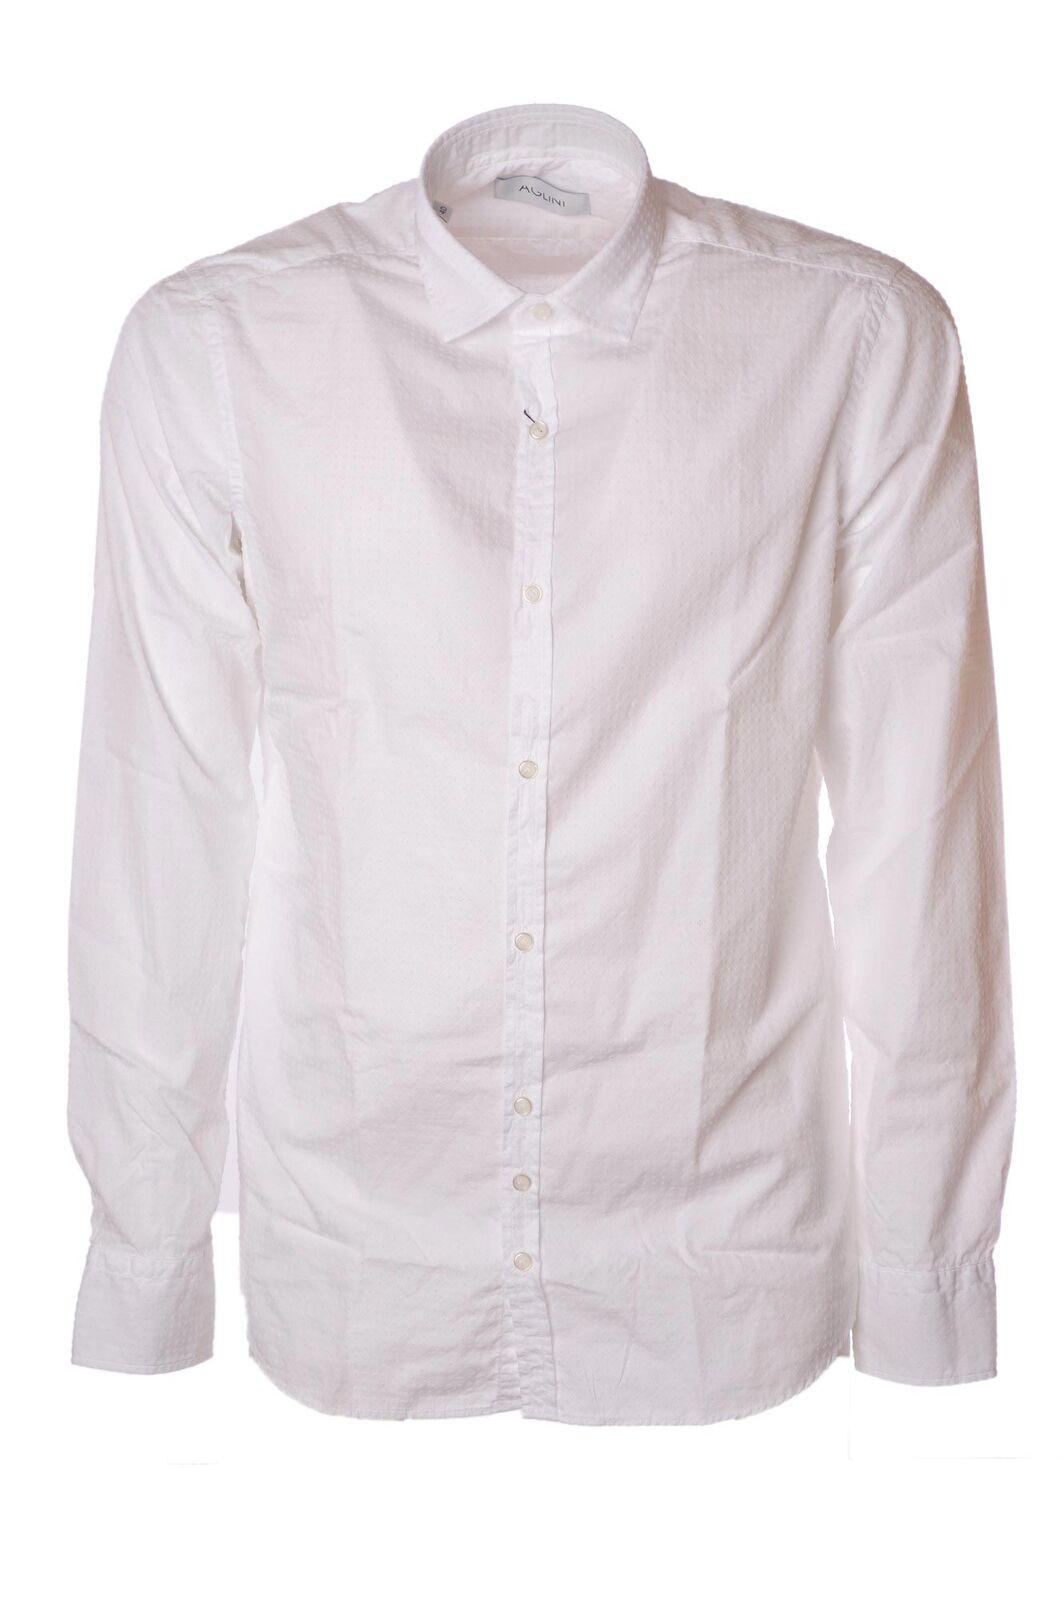 Aglini - Shirts-Shirt - Man - Weiß - 4331410C184202